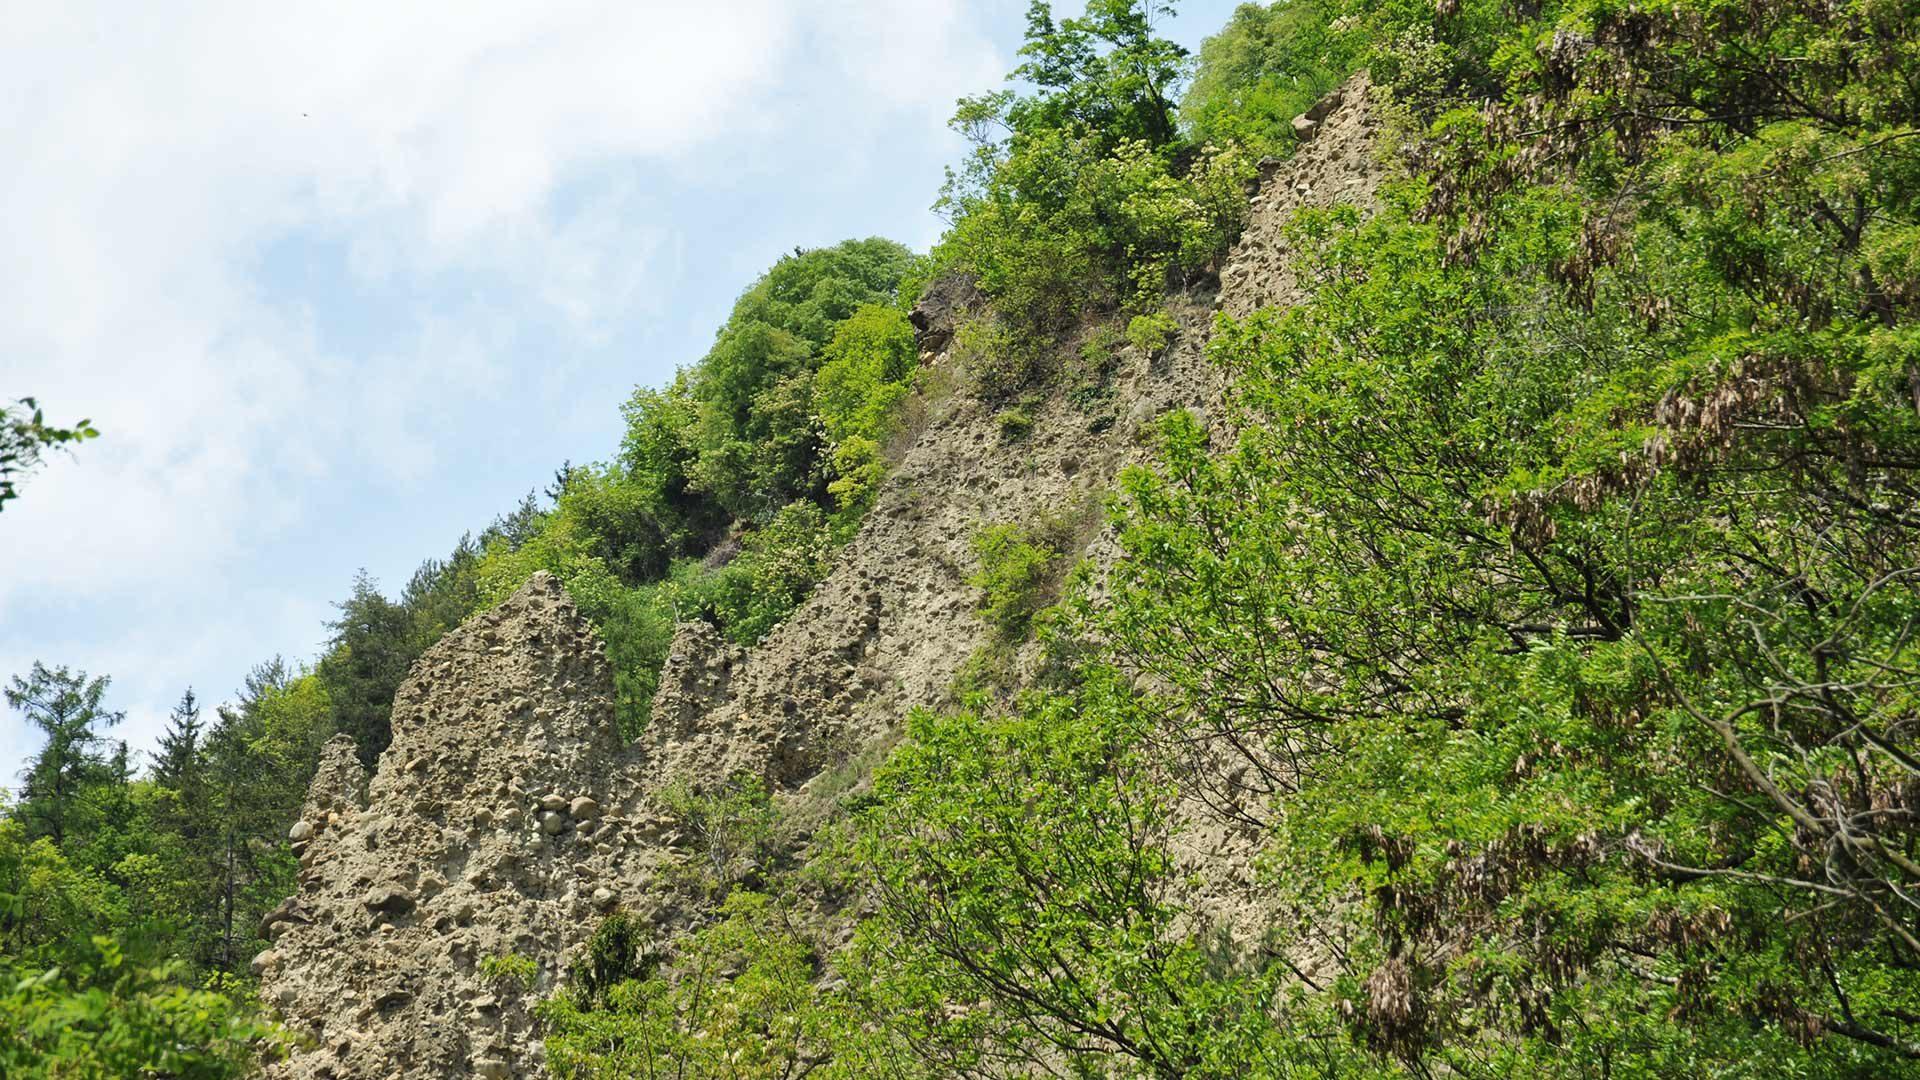 Dorf Tirol - Kuens - Dorf Tirol